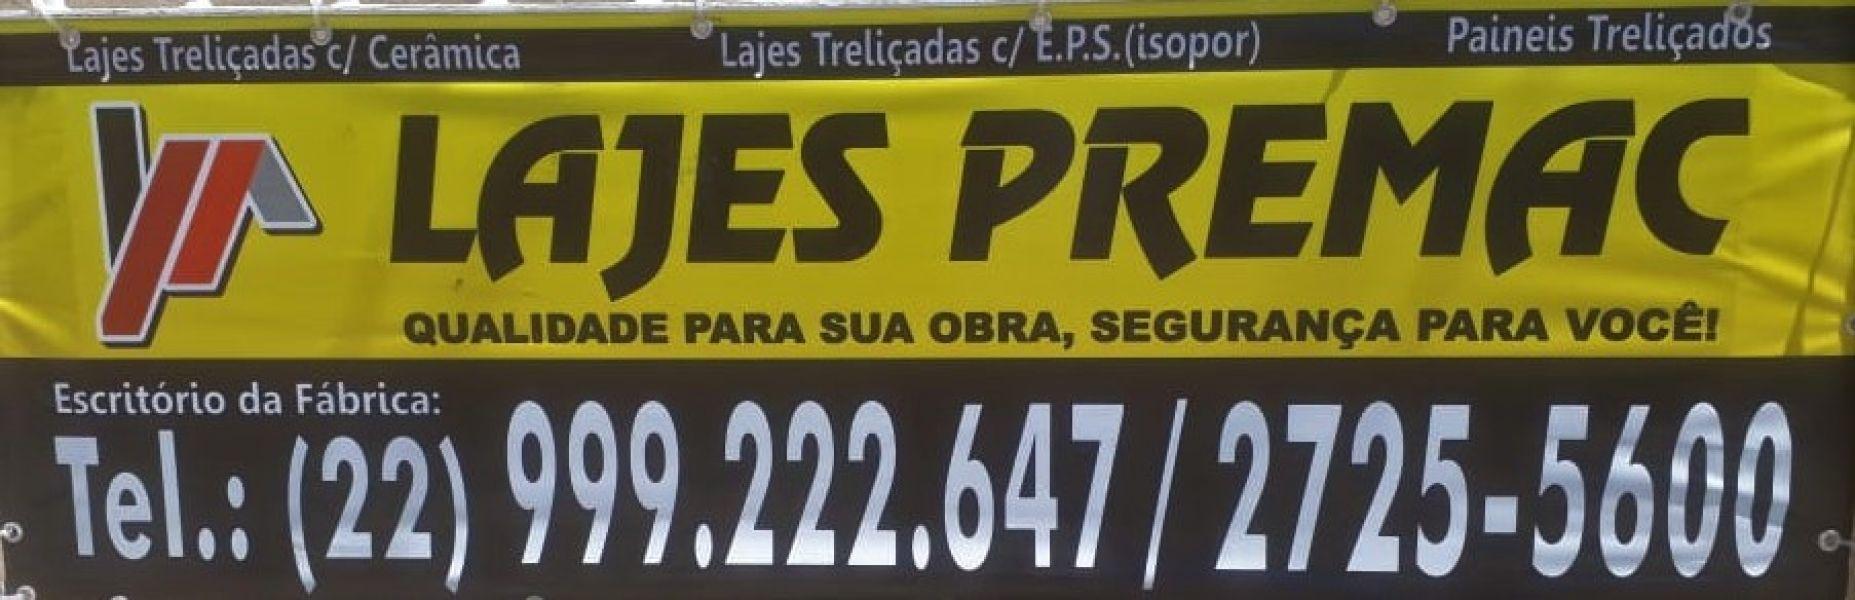 Lajes Premac